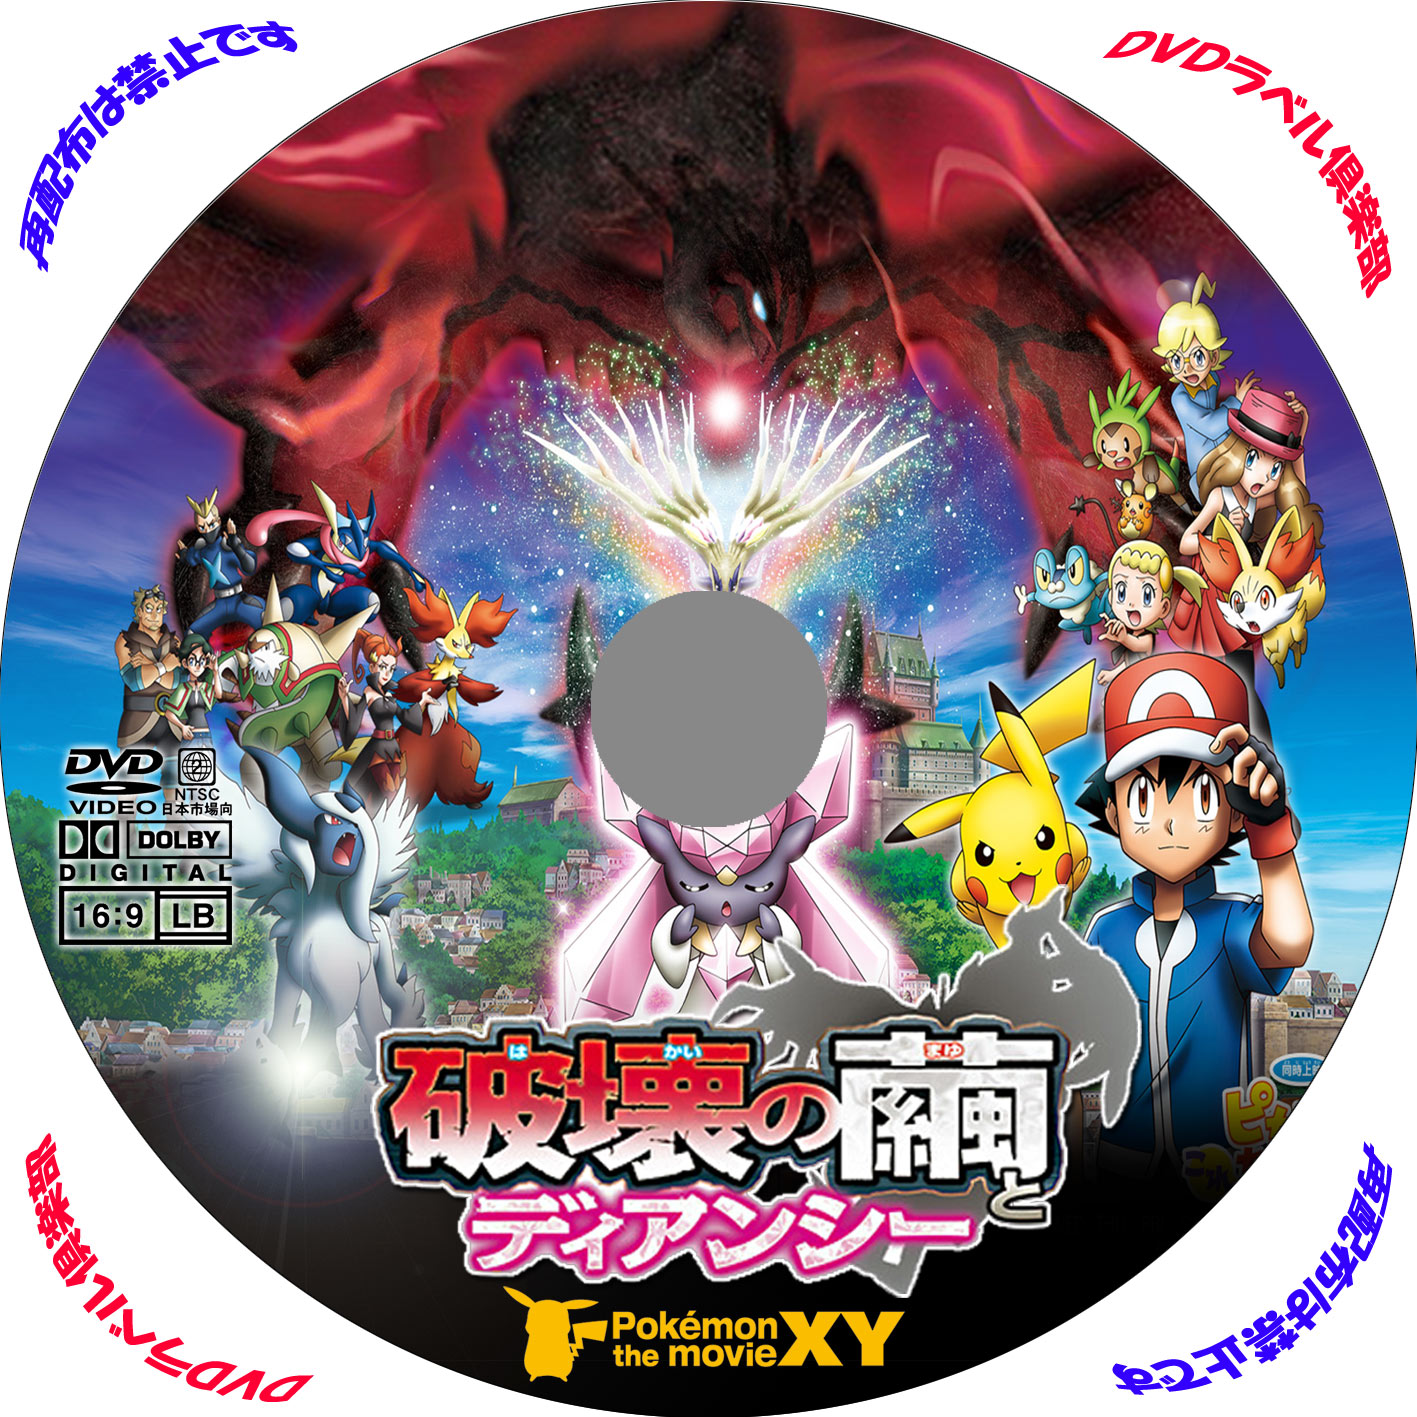 劇場版ポケットモンスターxy 破壊の繭とディアンシー アニメ | dvd・bd